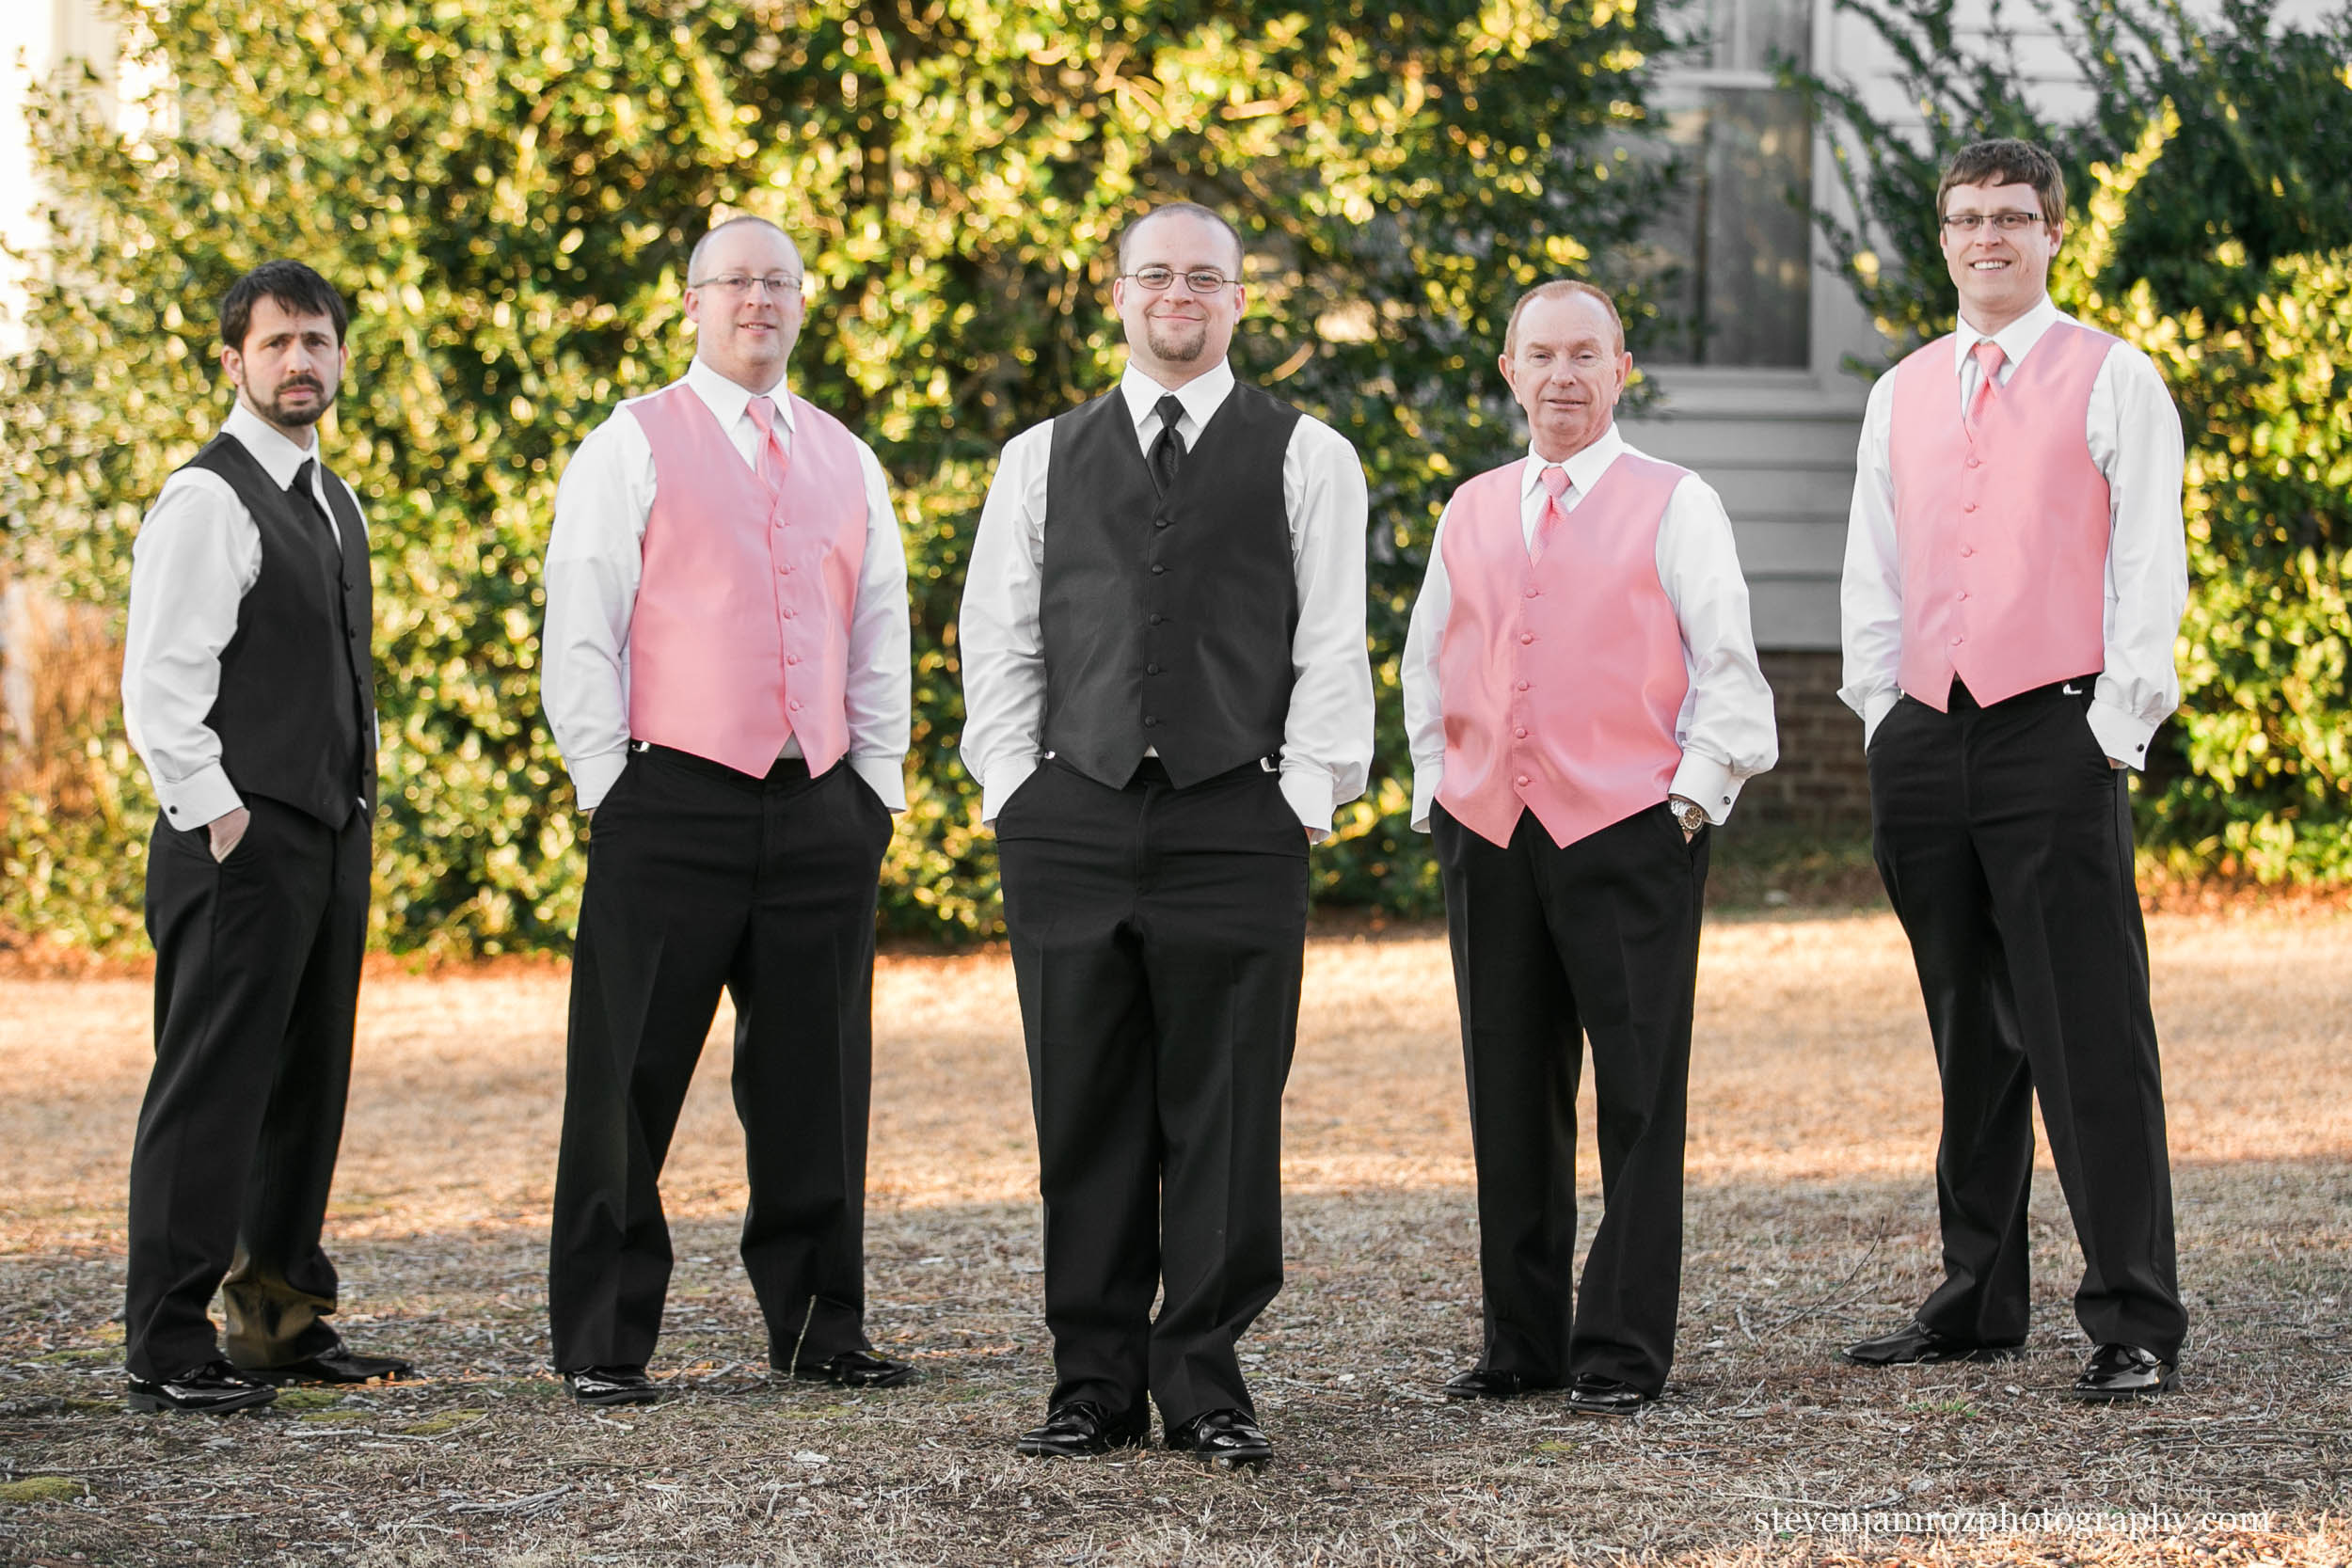 pink-vests-groomsmen-hudson-manor-estate-steven-jamroz-photography-0585.jpg